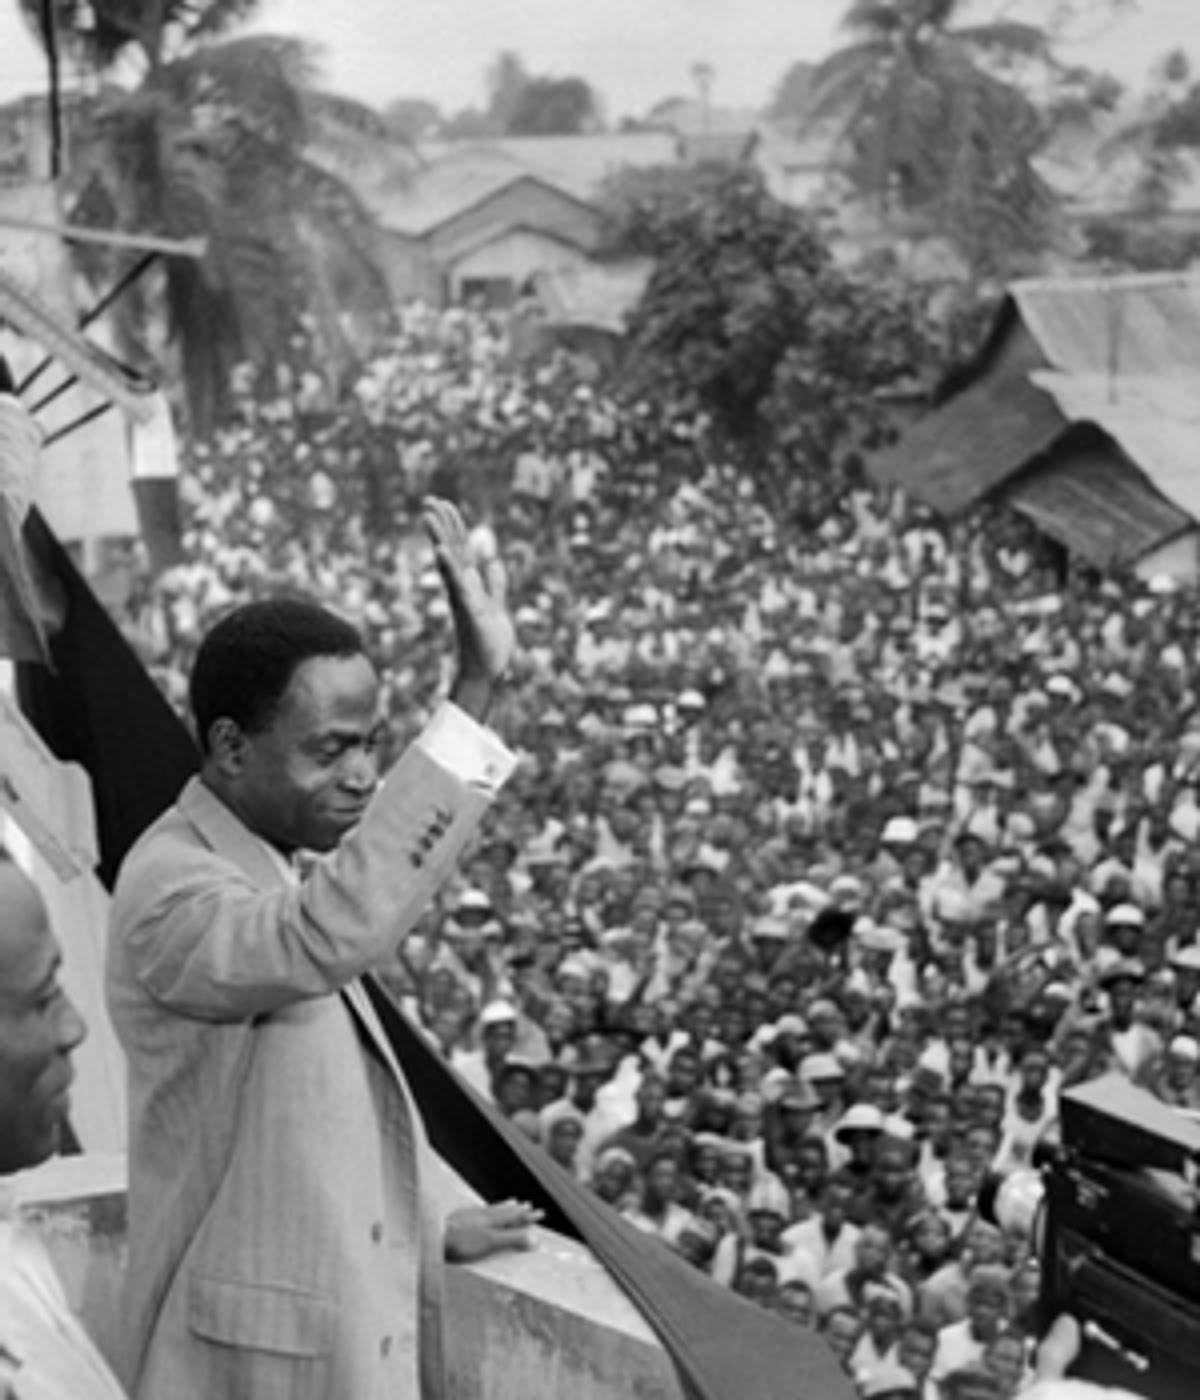 Félix Houphouet-Boigny célébrant l'indépendance de la Côte d'Ivoire